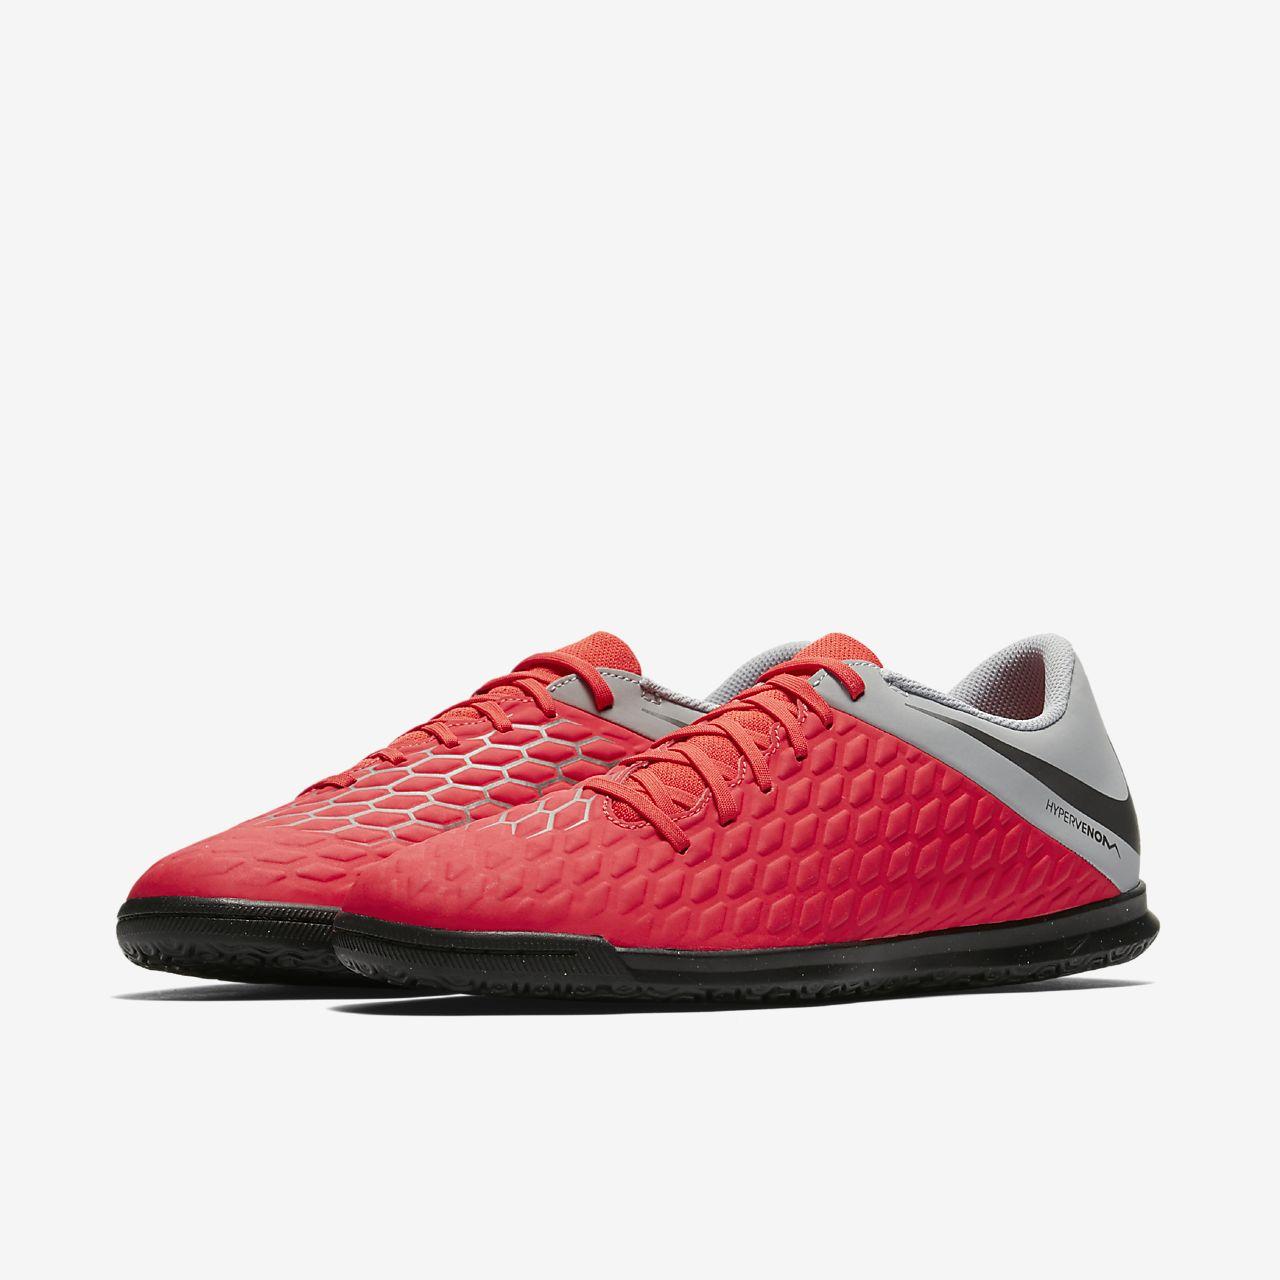 ffbbffef5 Nike HypervenomX Phantom III Club IC Indoor Court Football Shoe ...